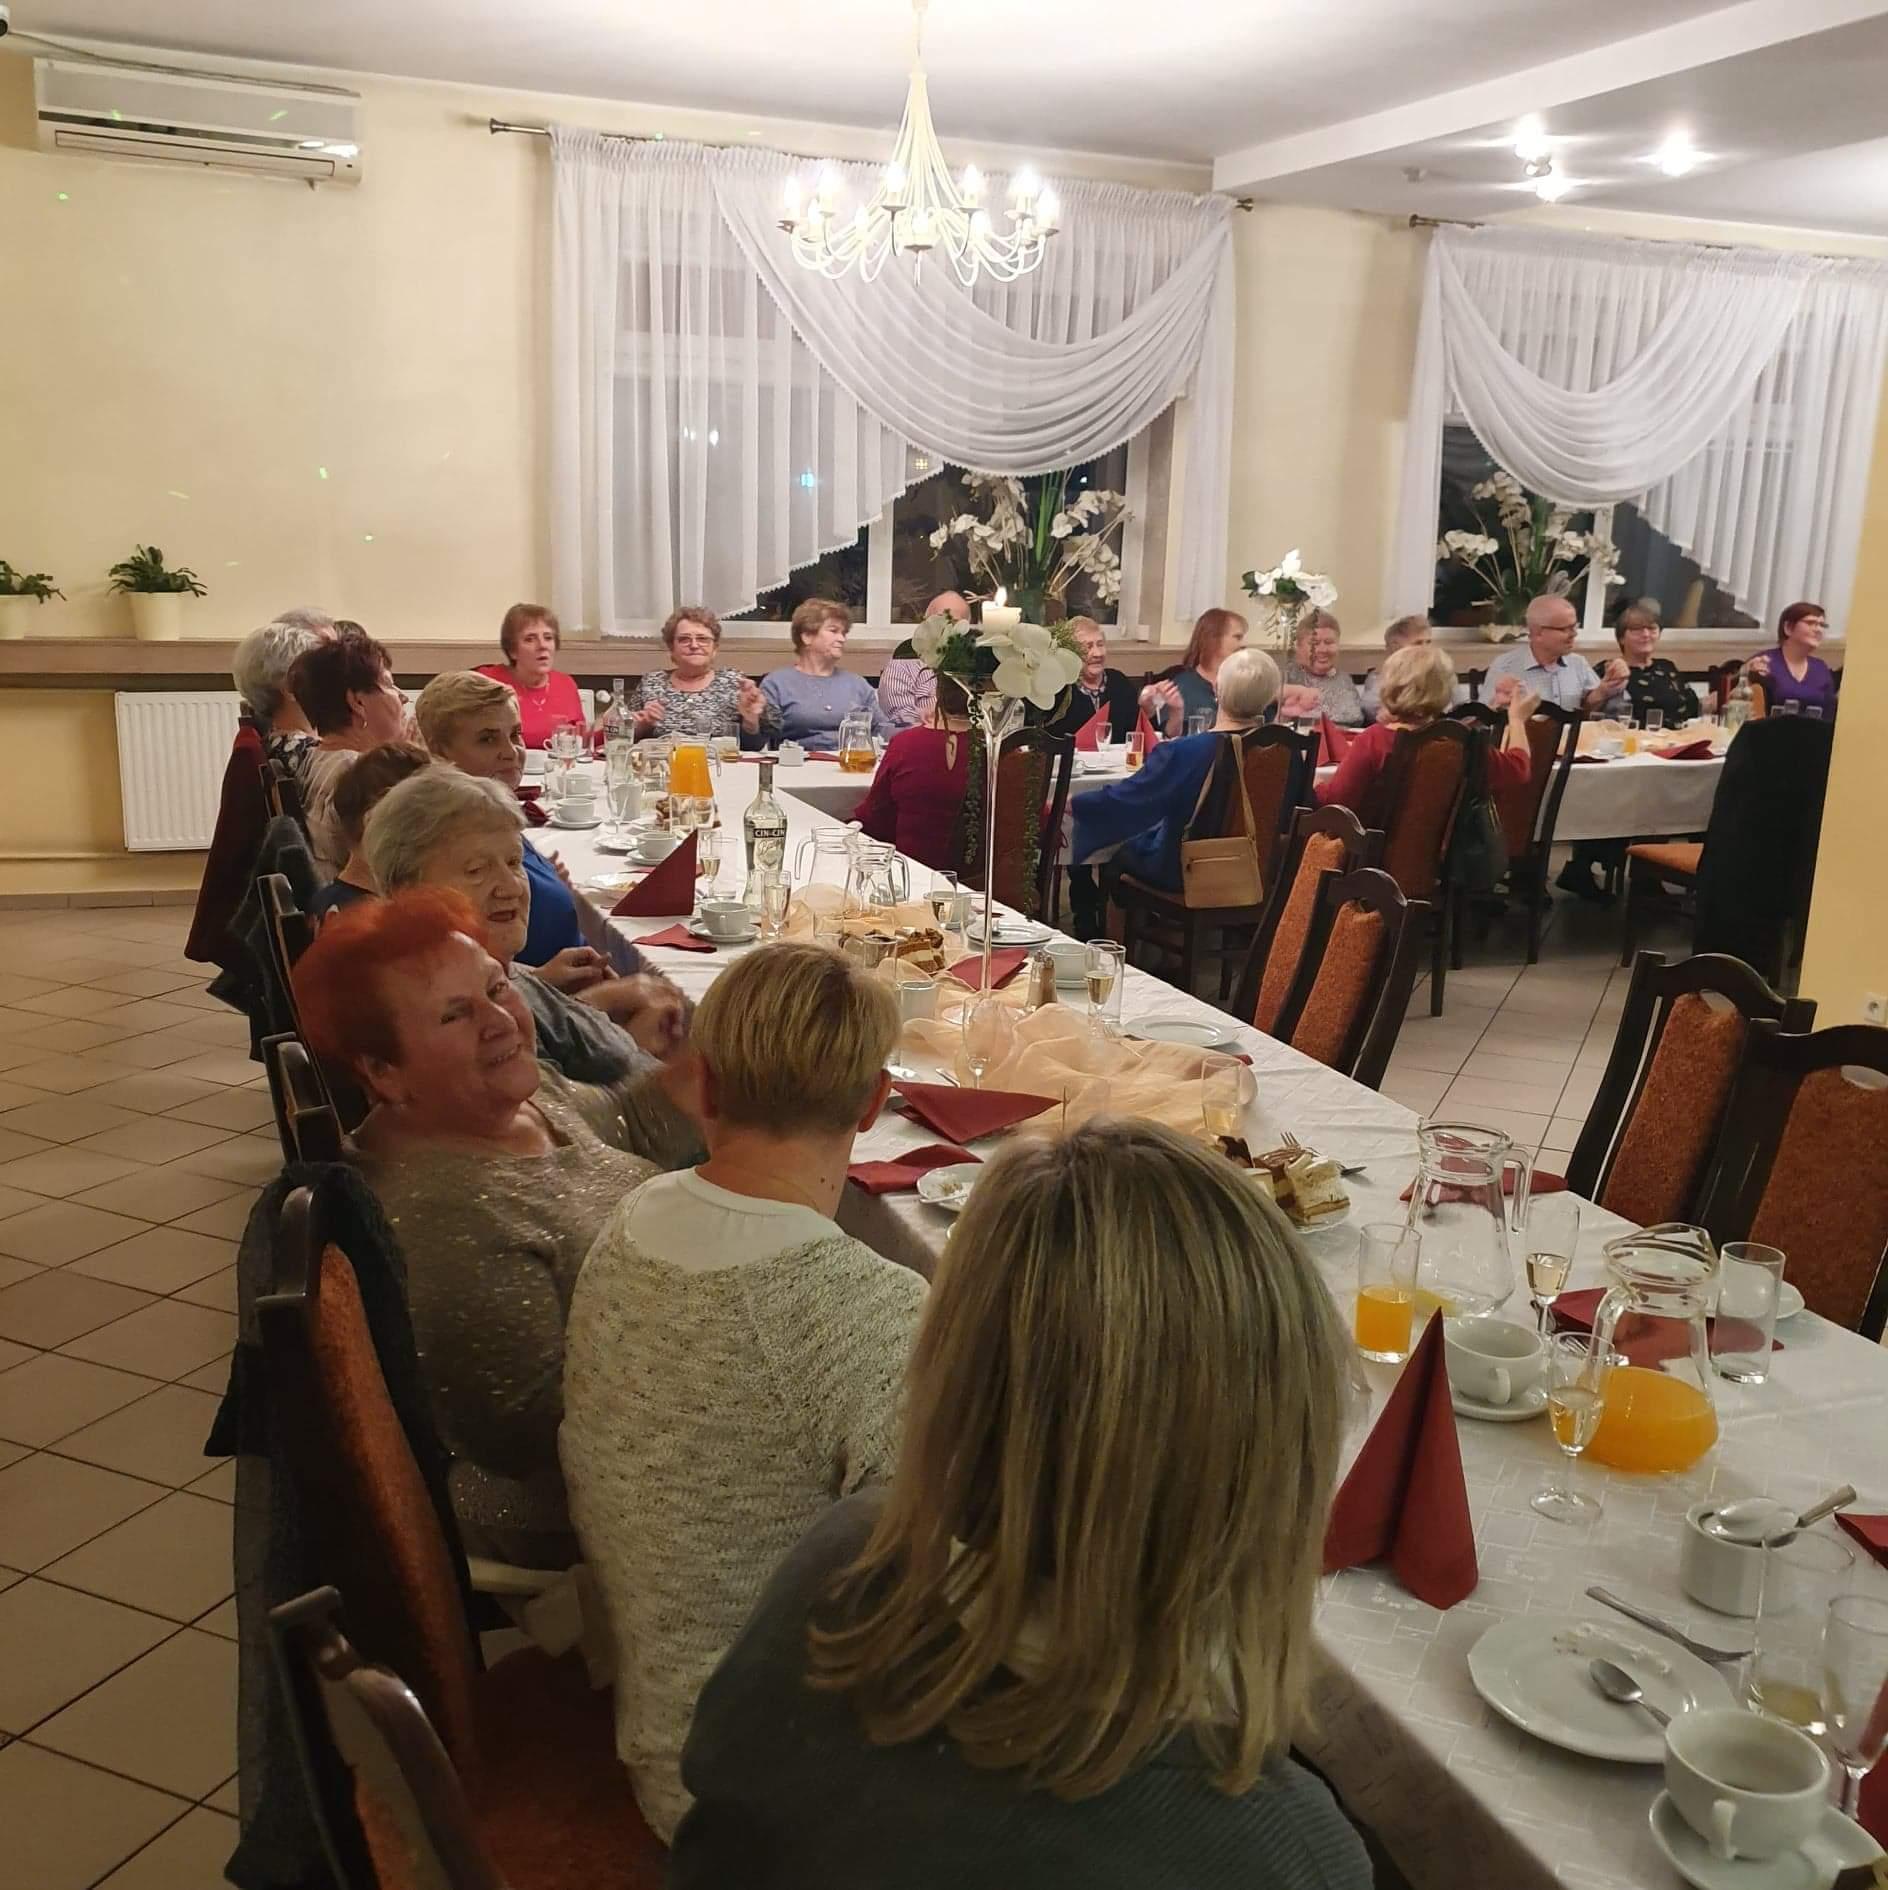 Dzień Seniora w Sołectwie Napachanie-Dalekie. Seniorzy siedzący przy stole.